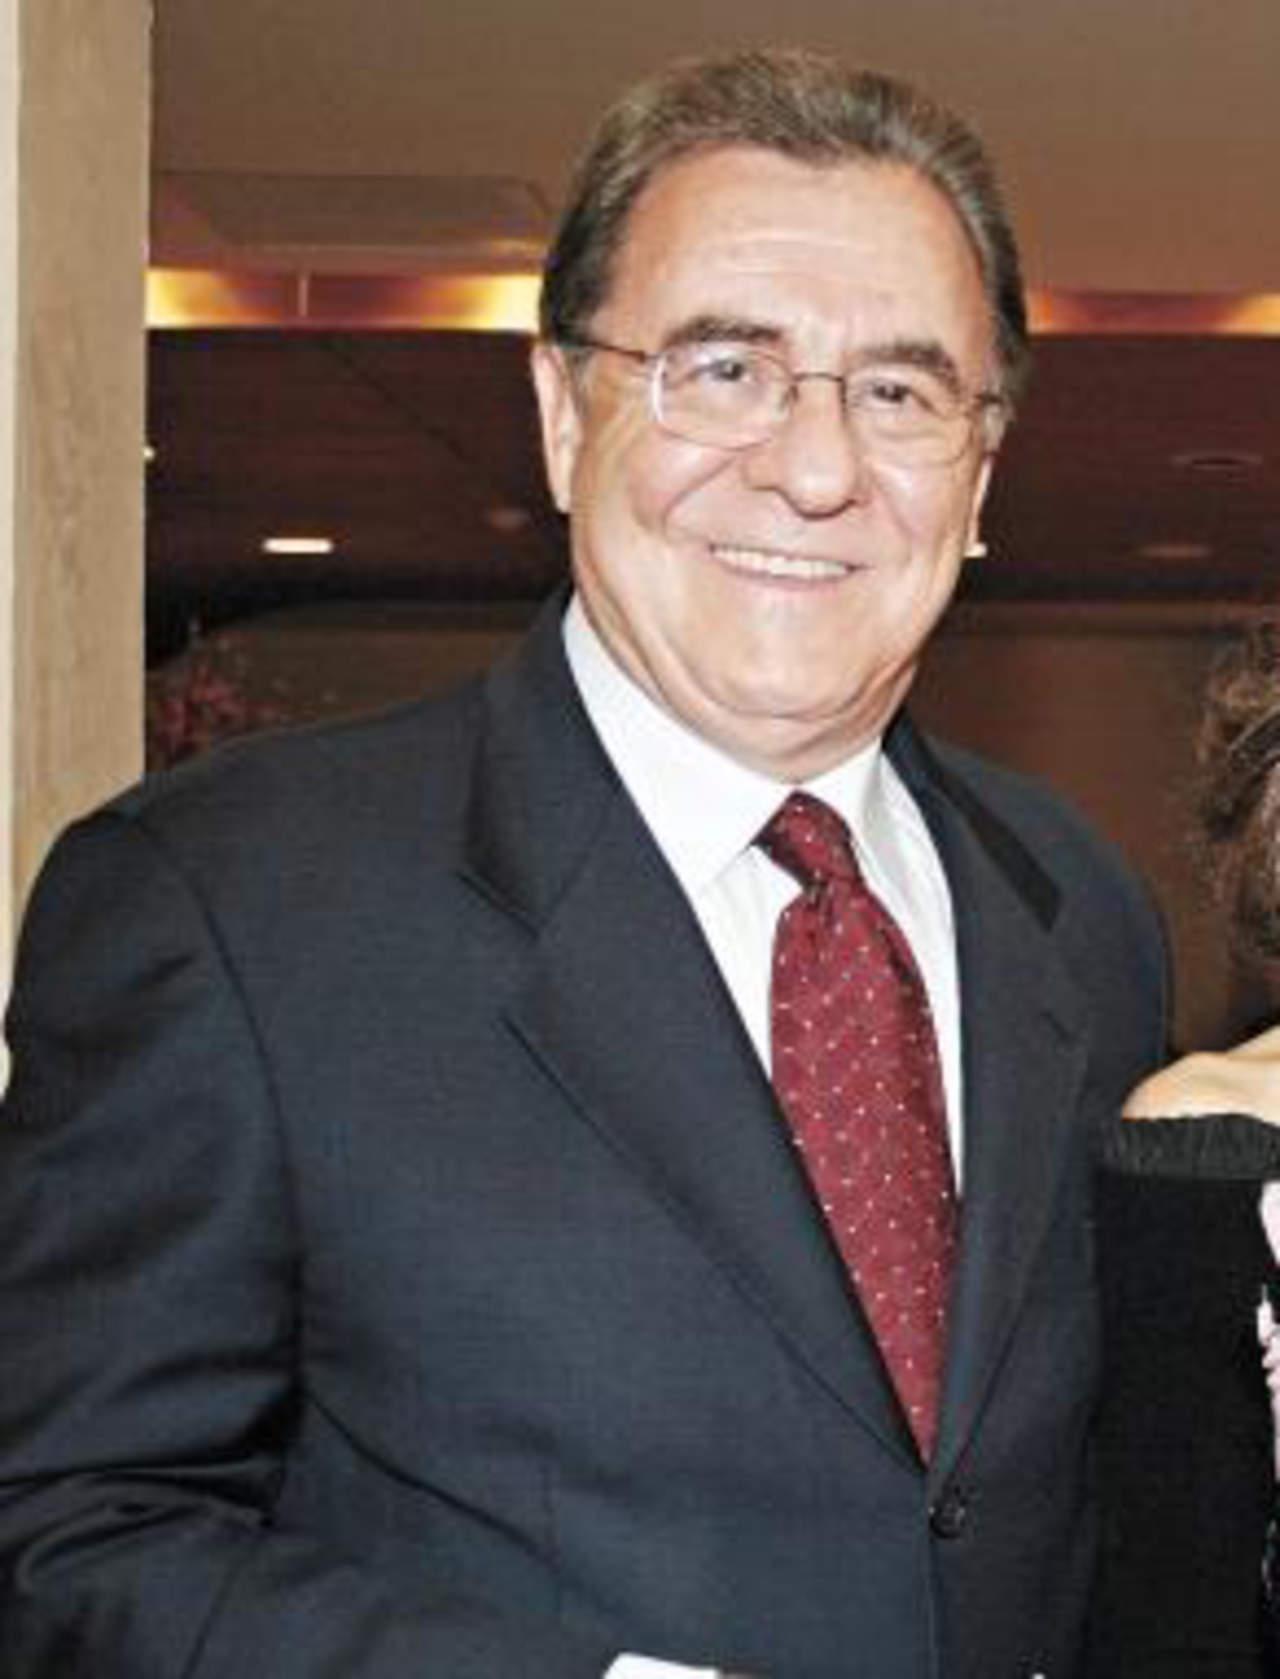 Fallece el empresario Rafael Villegas Attolini, exalcalde de Gómez Palacio